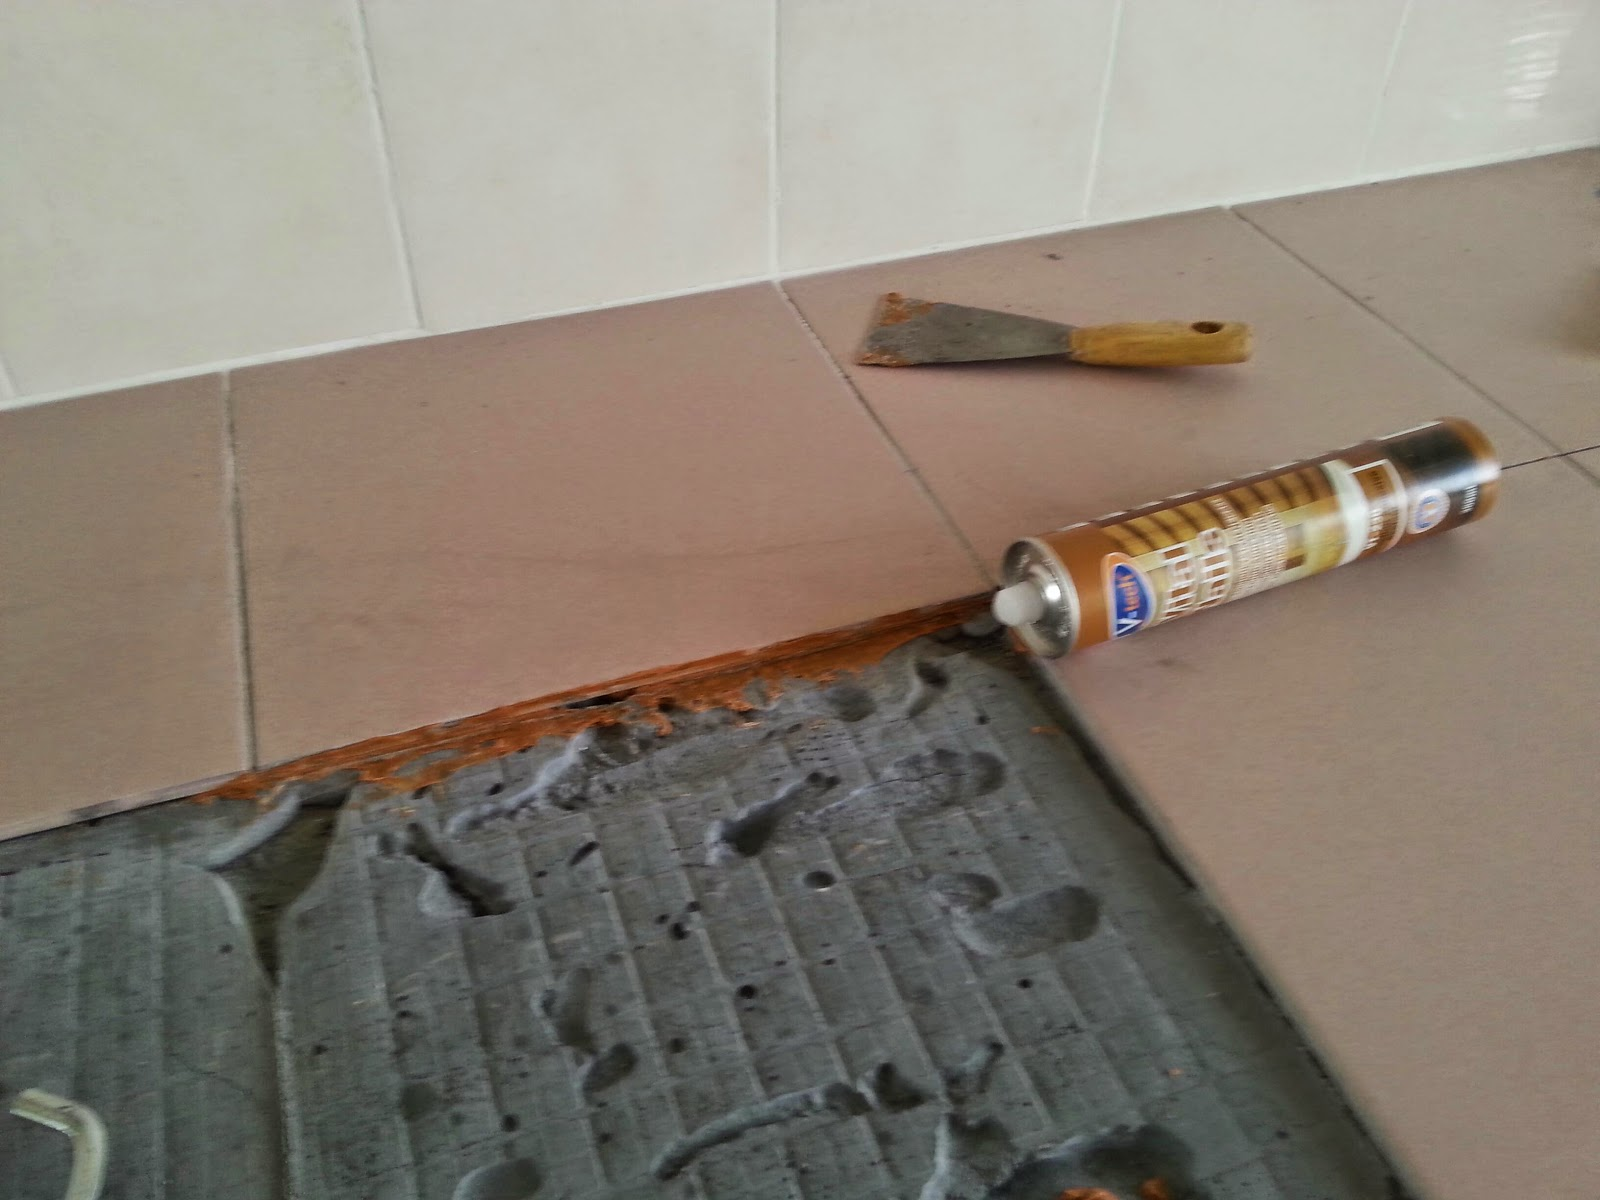 Kontraktor Pemasangan Tile Tabletop Meja Dapur Plumbing Dan Mengecat